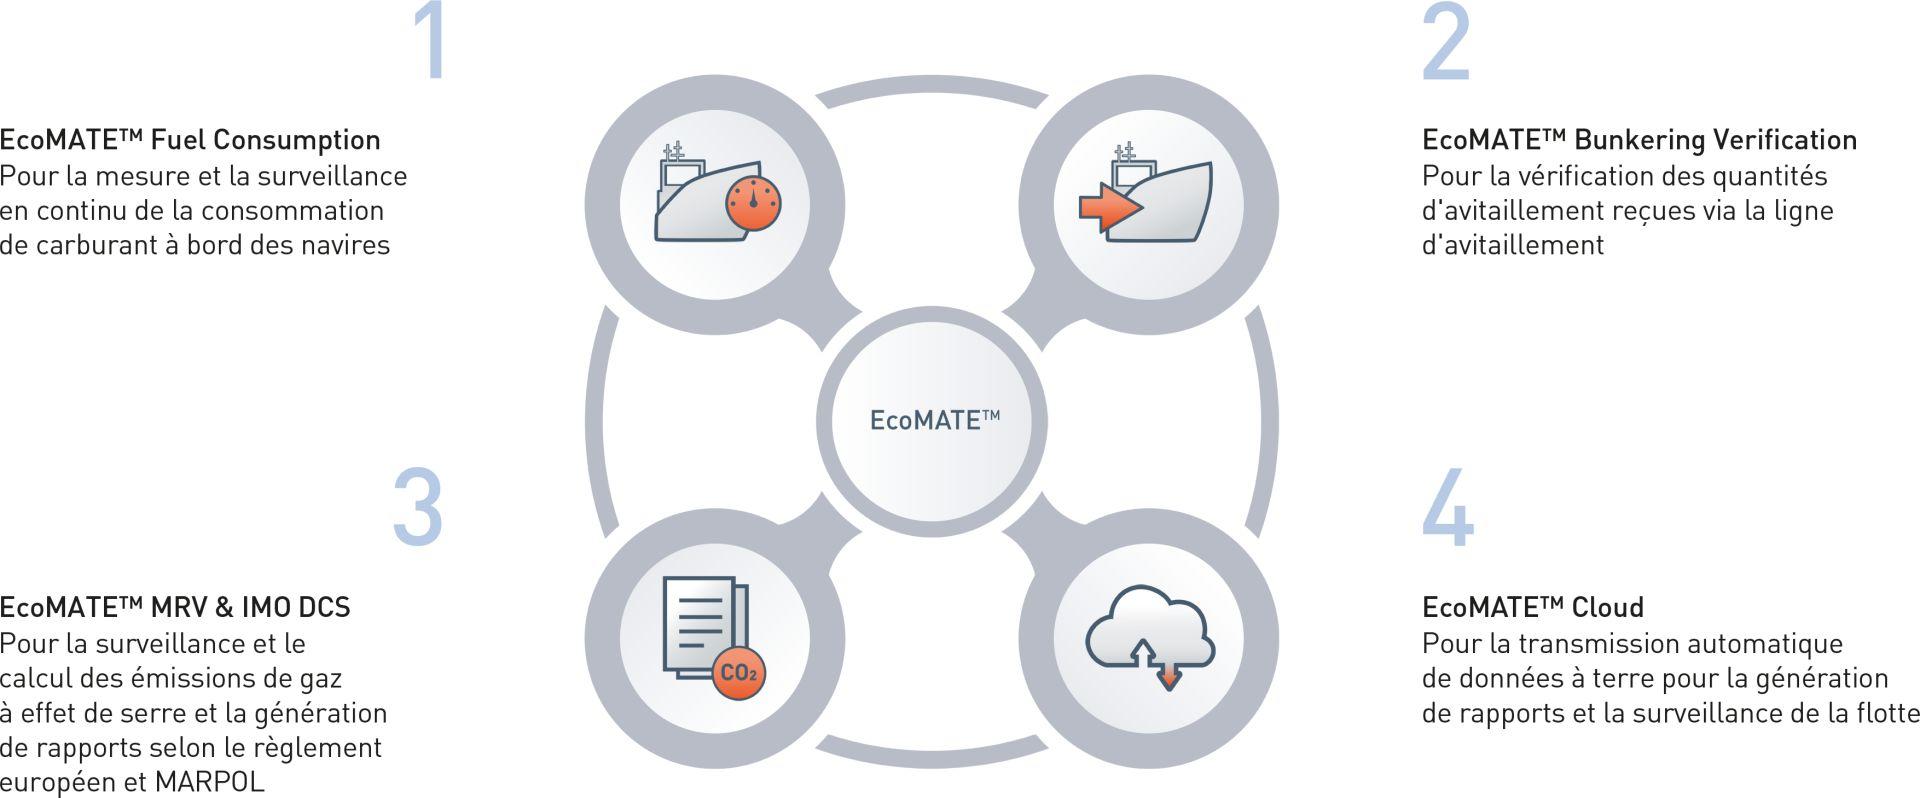 Modules du système de surveillance de consommation de carburant et d'émissions de gaz à effet de serre EcoMATE